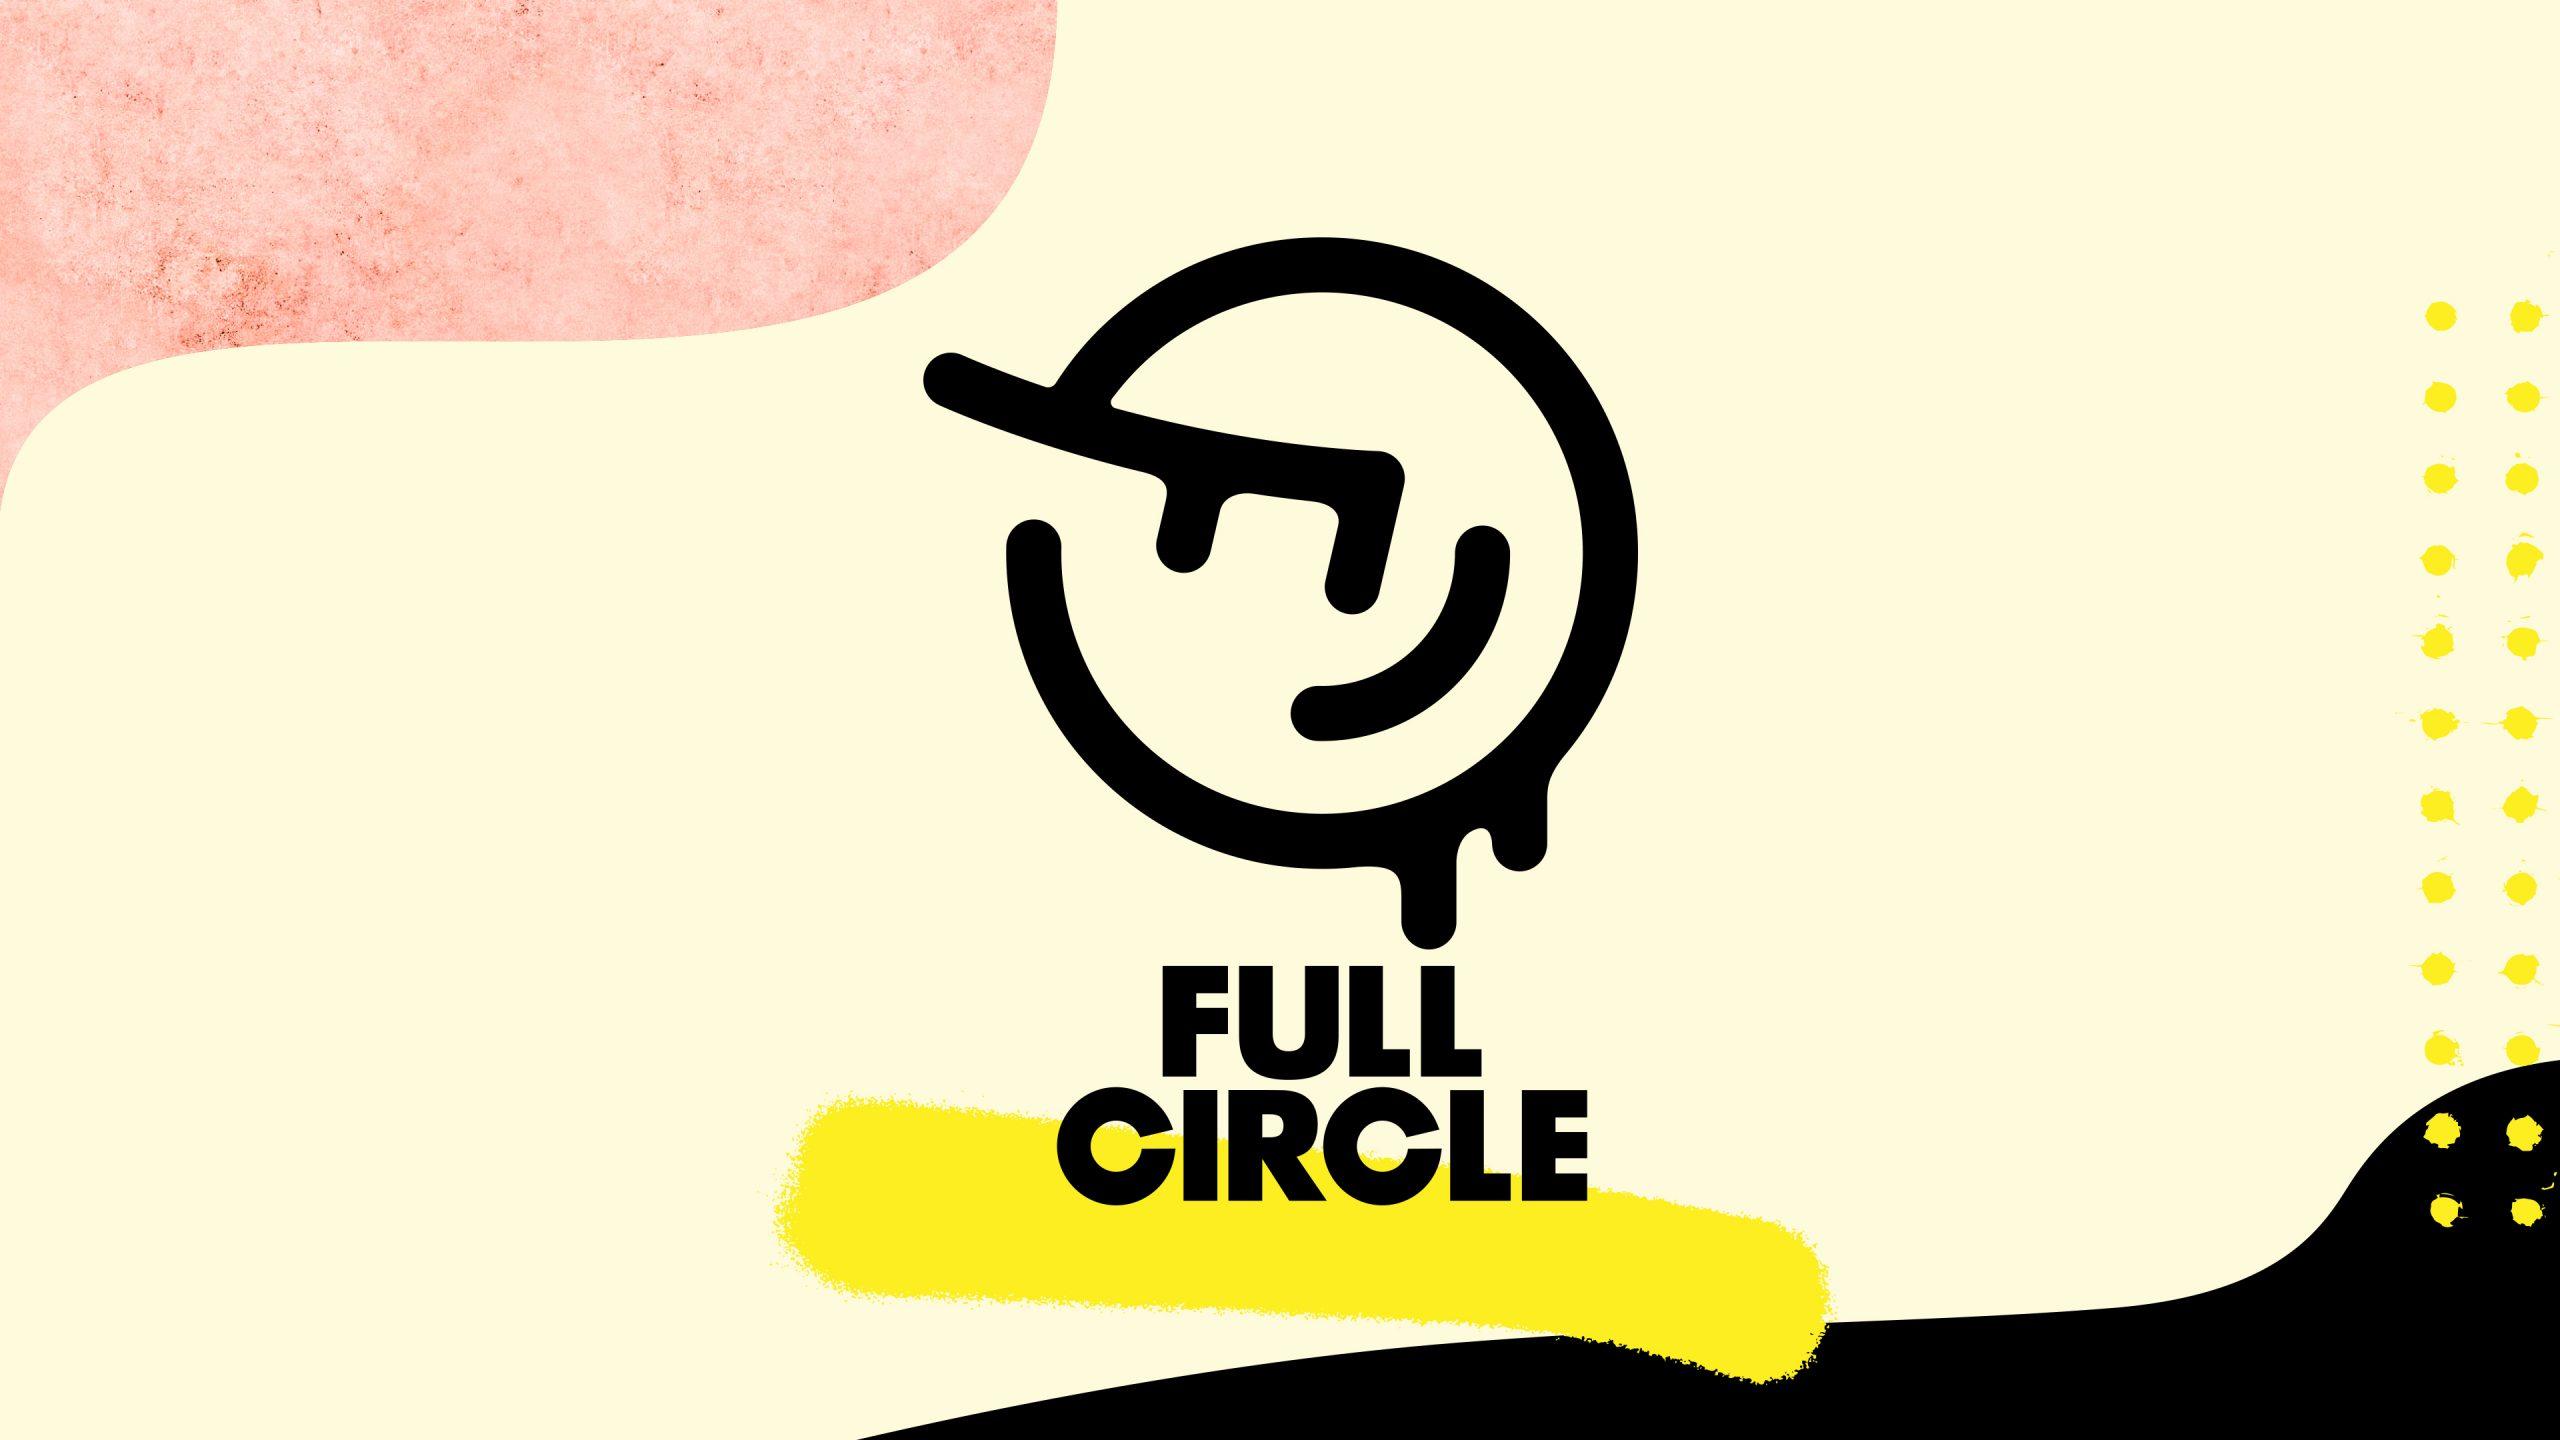 Electronic Arts создала новую студию Full Circle для разработки новой игры Skate